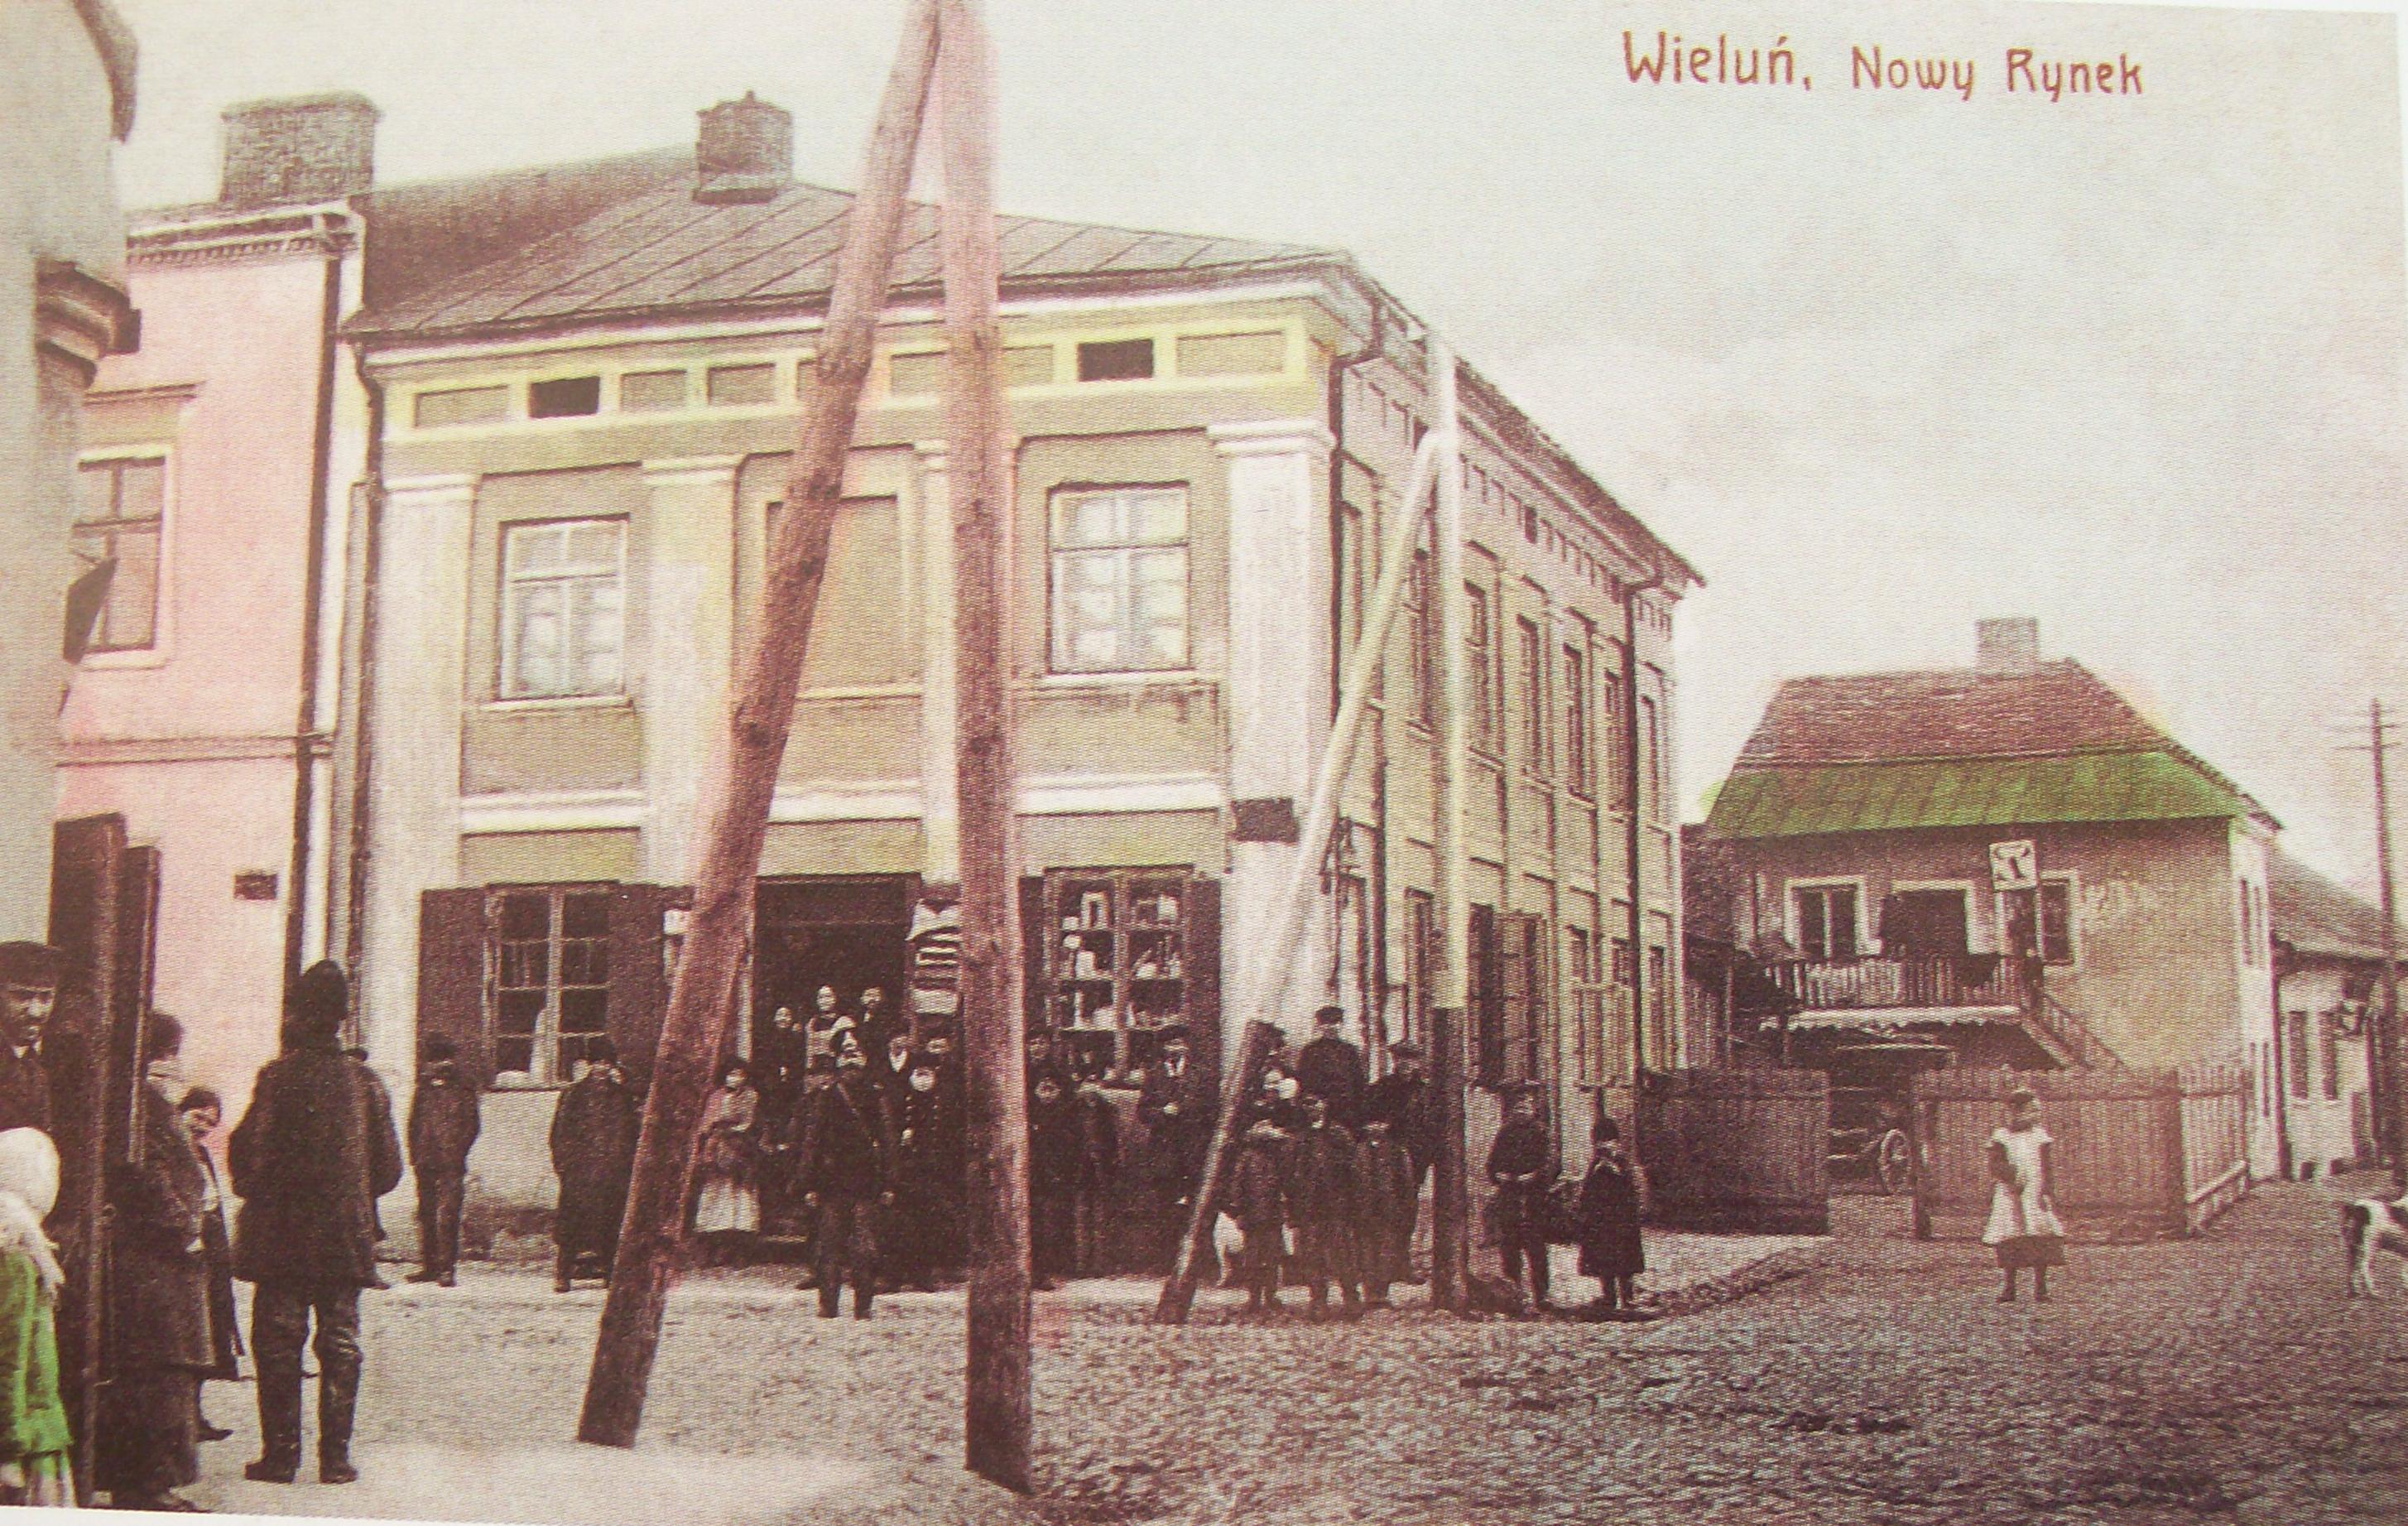 File:Wielun NowyRynek1915.jpg - Wikimedia Commons